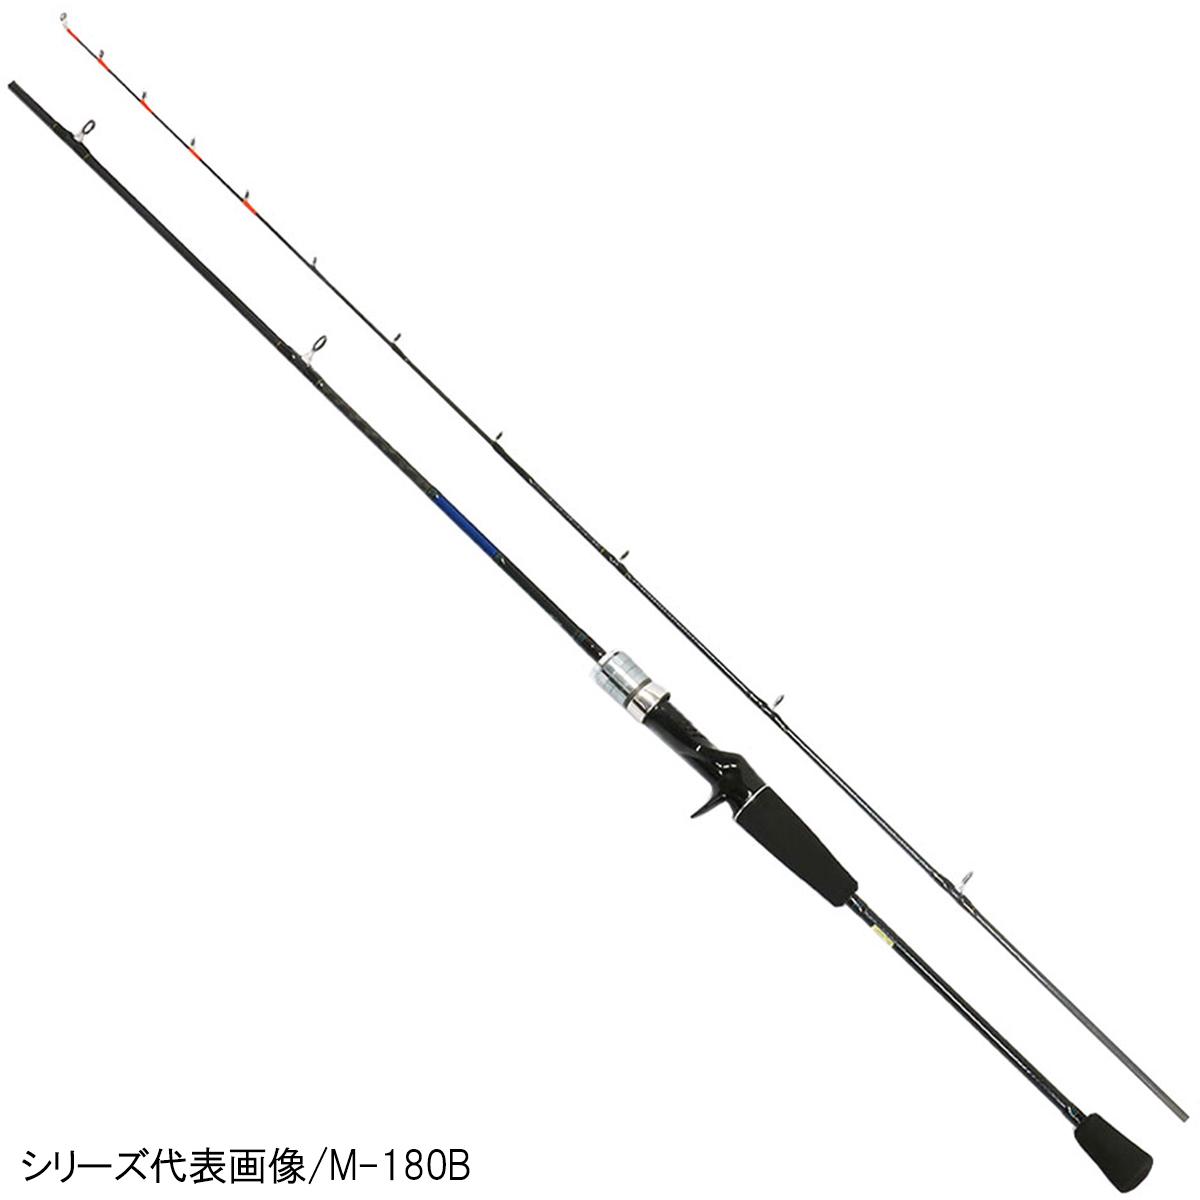 ダイワ キス X S-180B(東日本店)